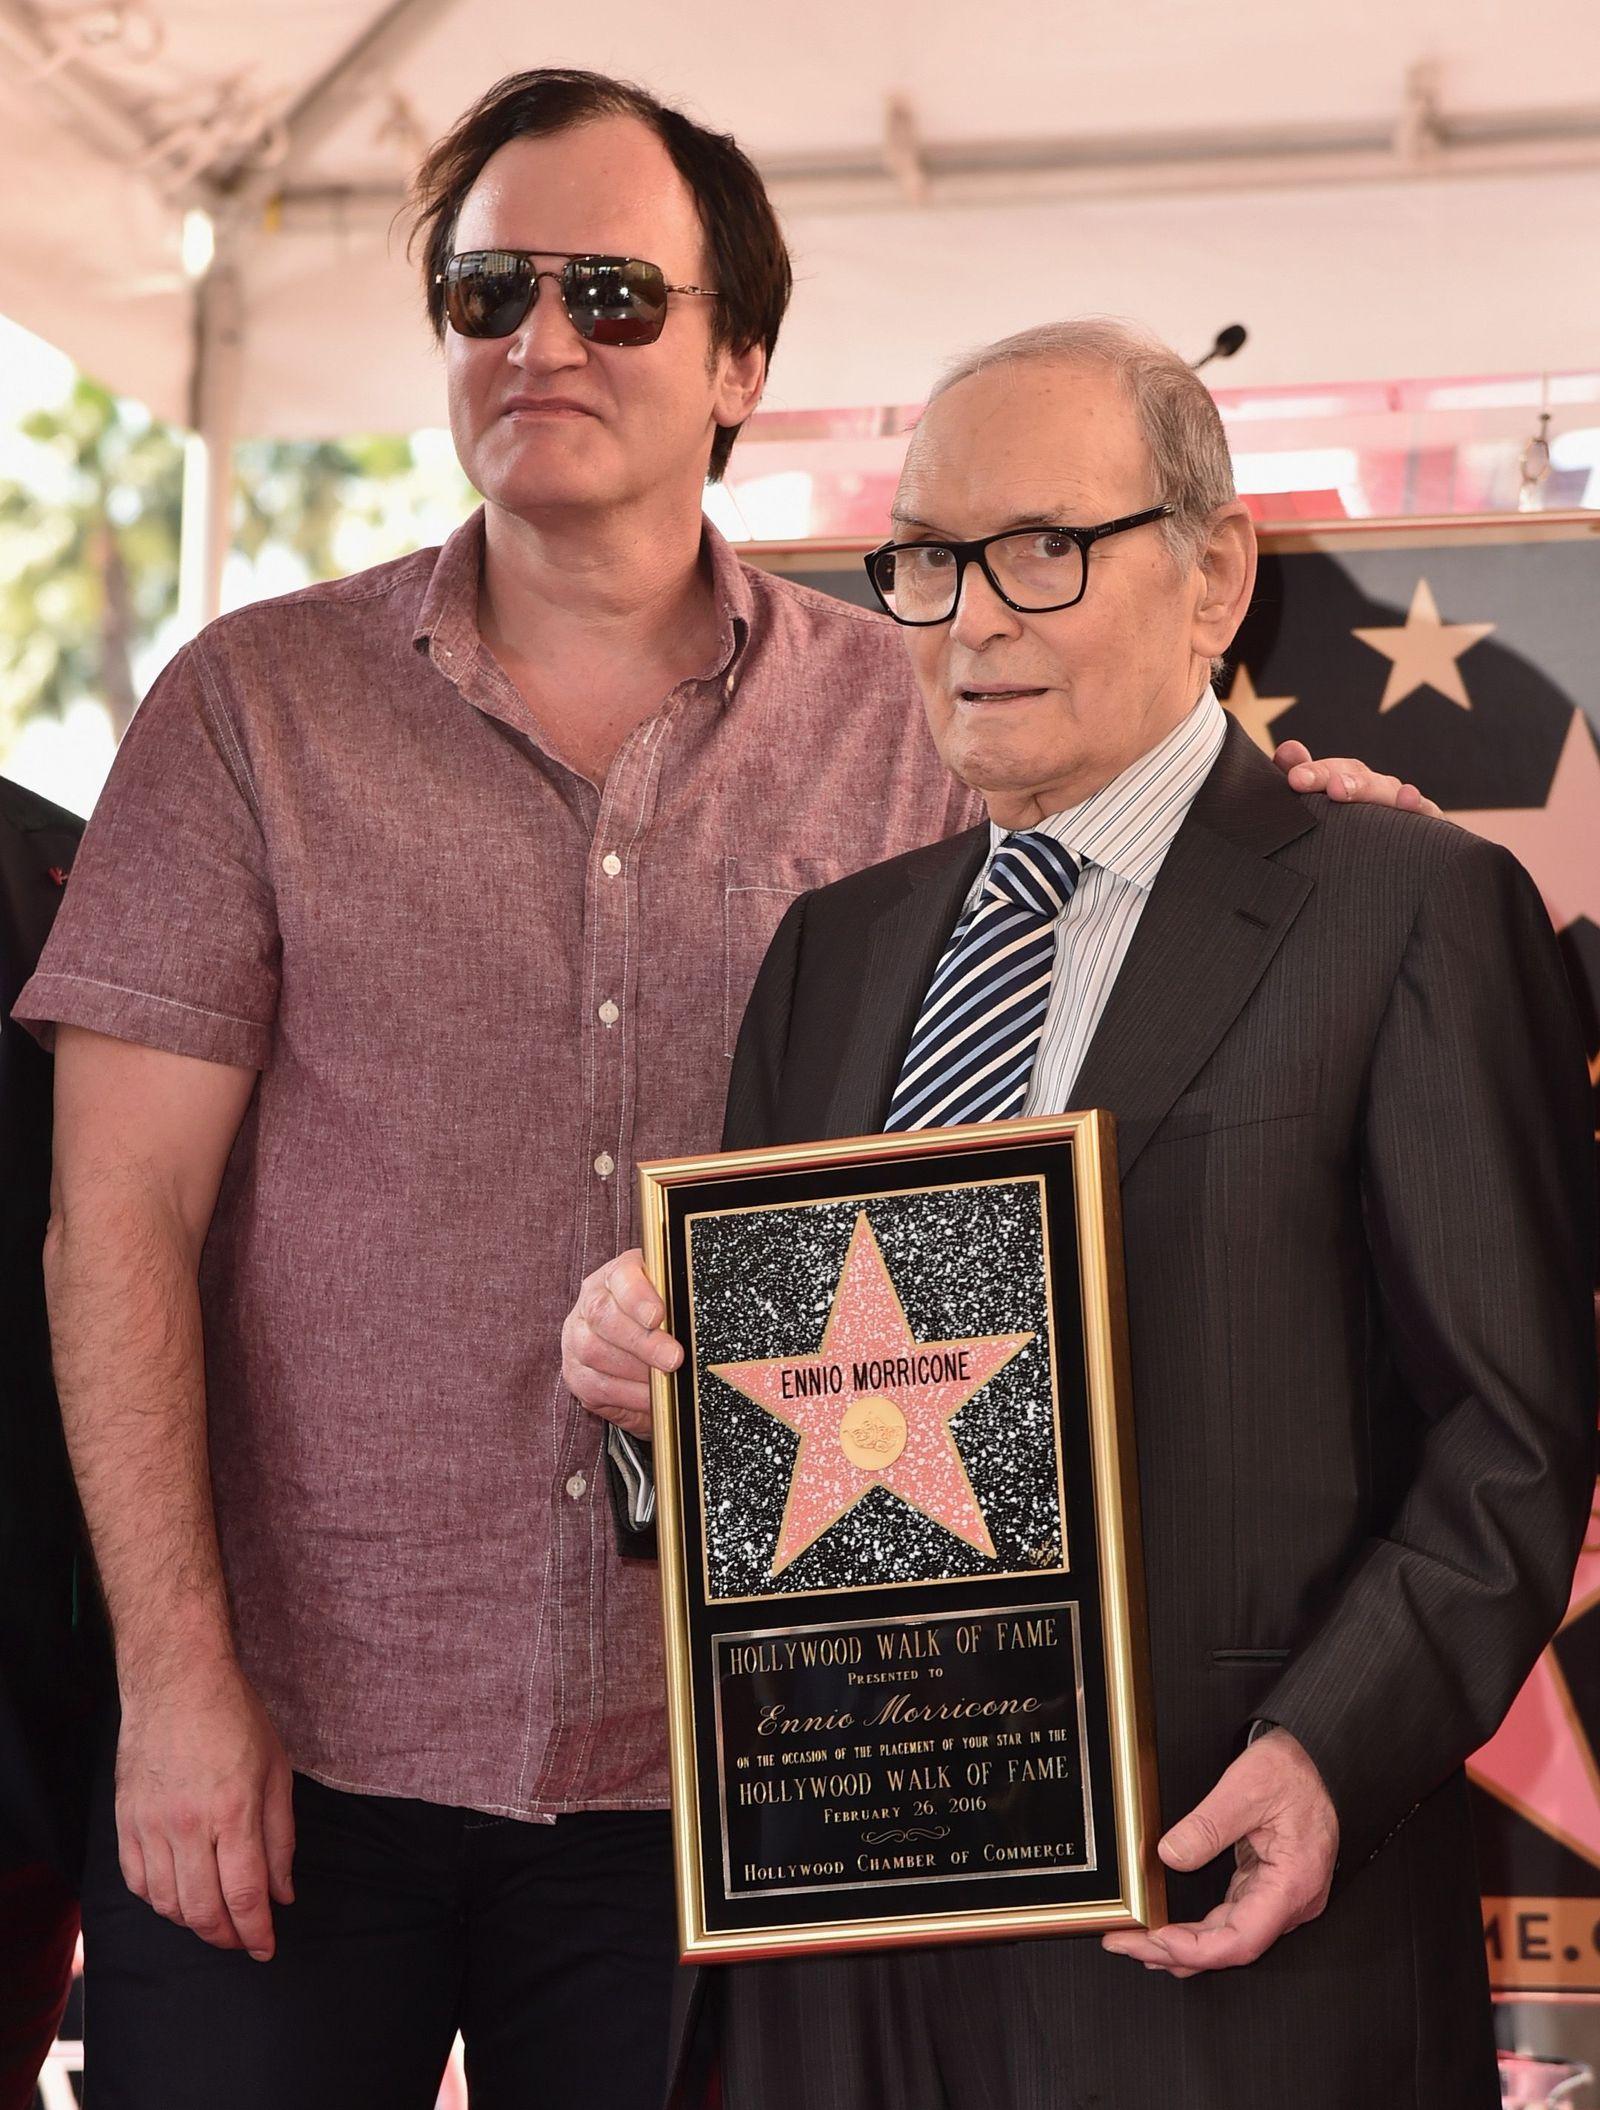 Quentin Tarantino/ Ennio Morricone